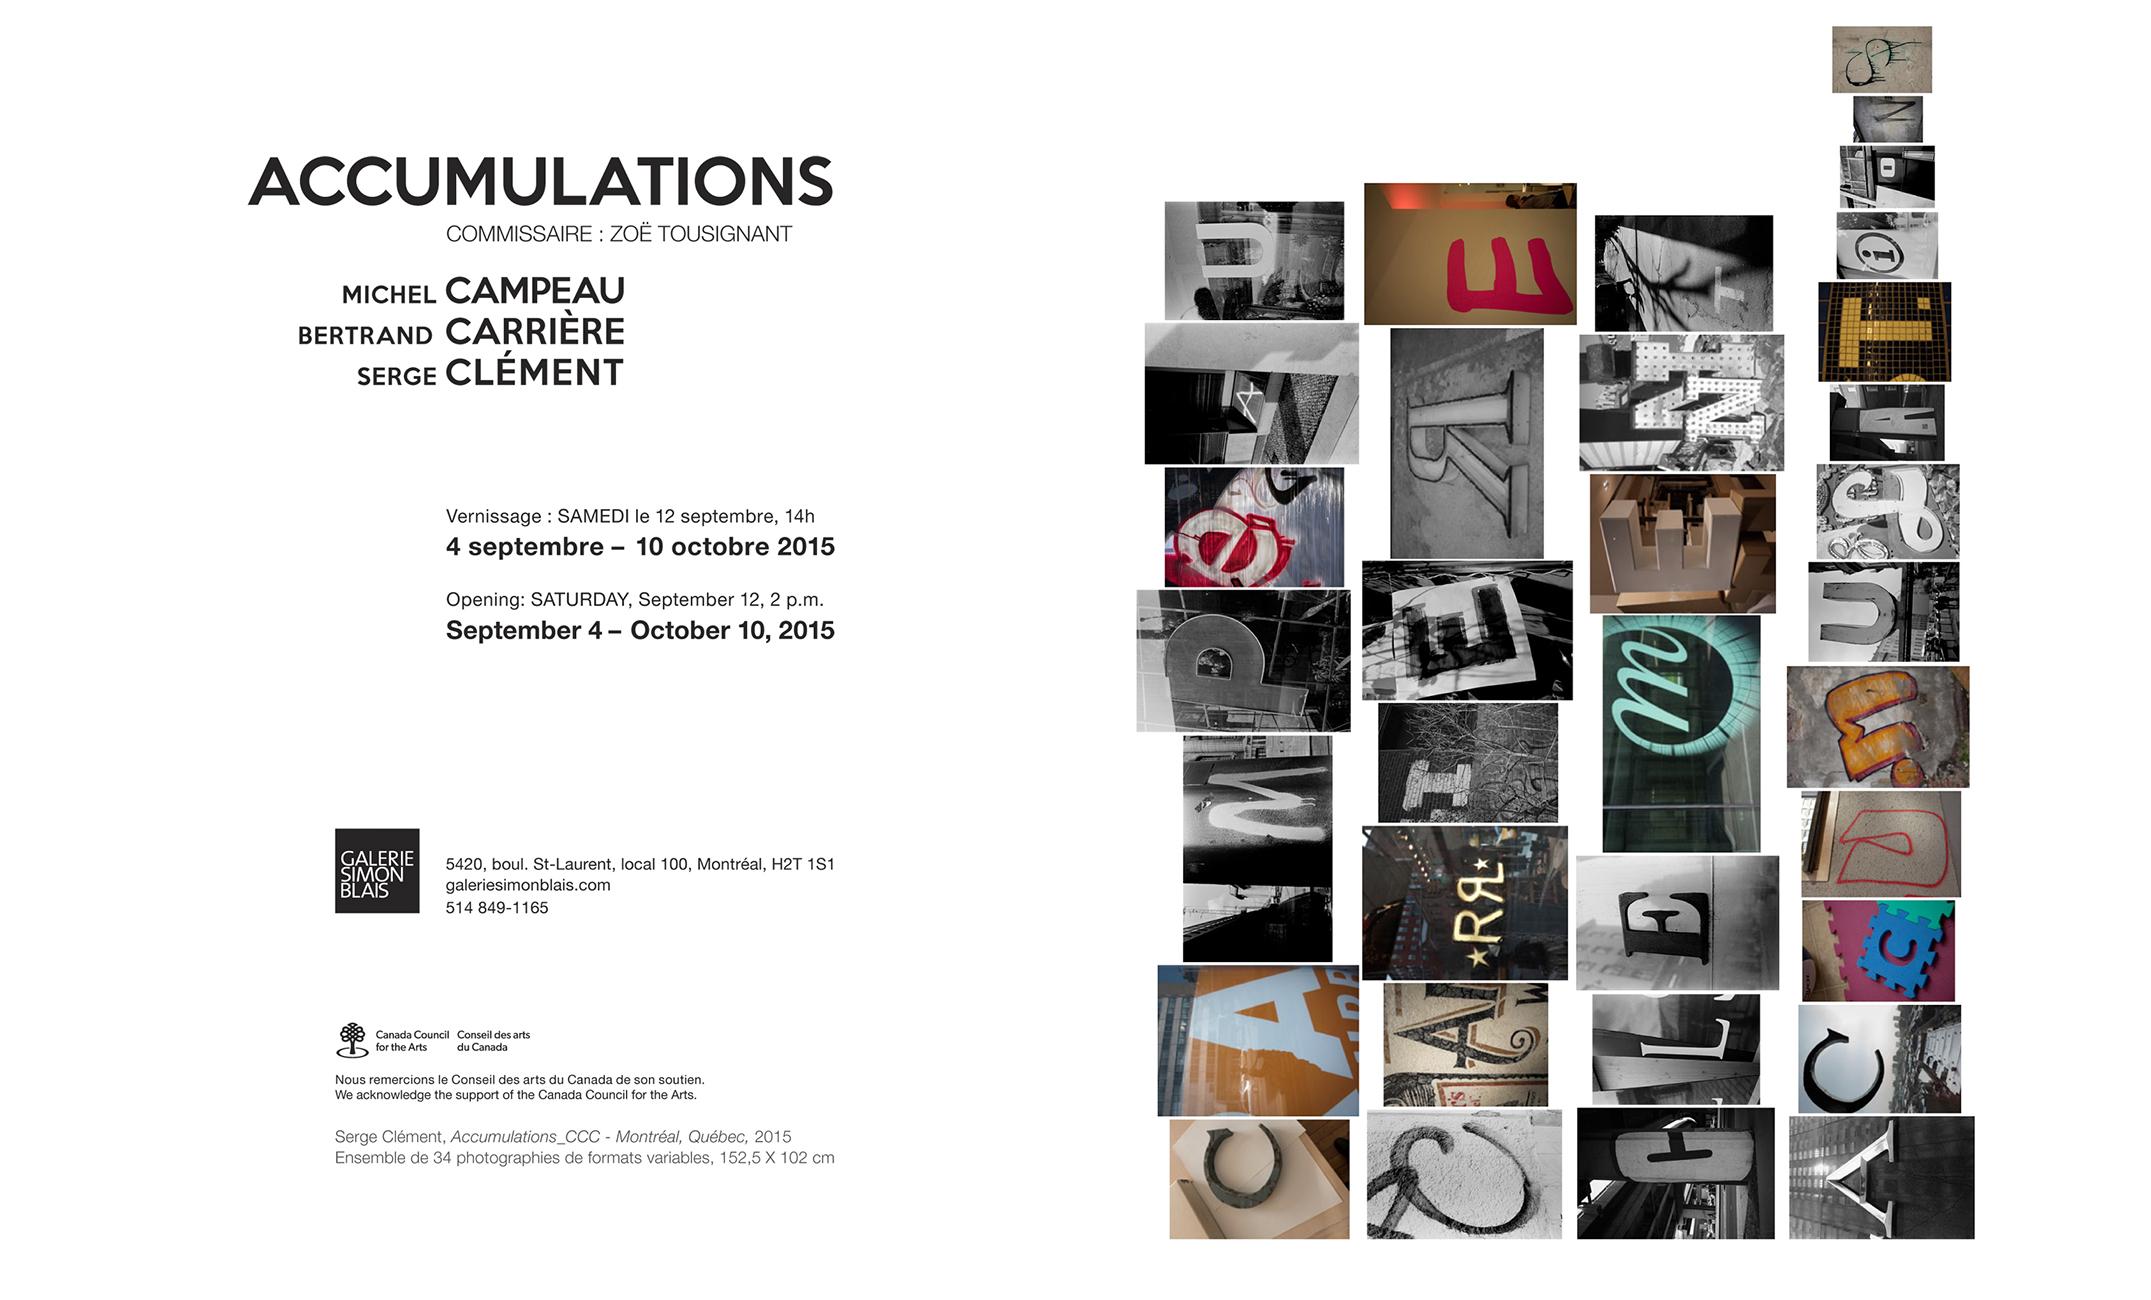 Accumulations: Campeau, Clément, Carrière ,  Galerie Simon Blais, Montréal, du 3 septembre au 10 oct. 2015 Commissaire invitée : Zoë Tousignant © Œuvre de Serge Clément, 2015